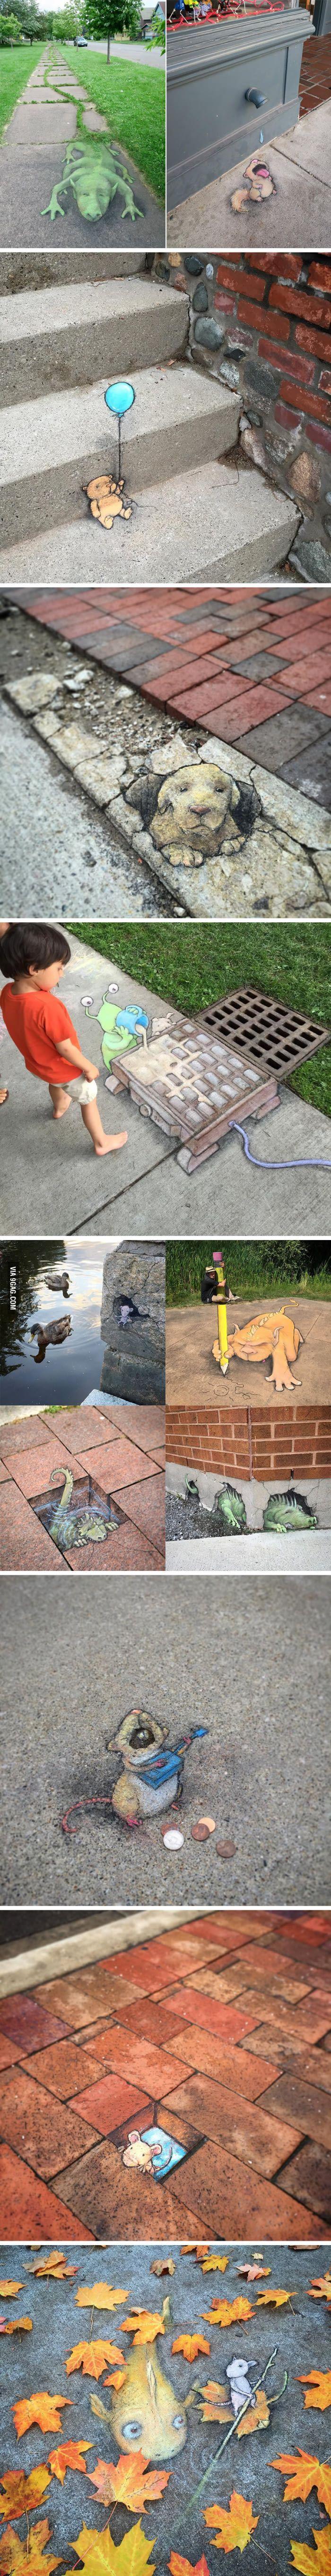 Adorable sidewalk art pops up in Ann Arbor